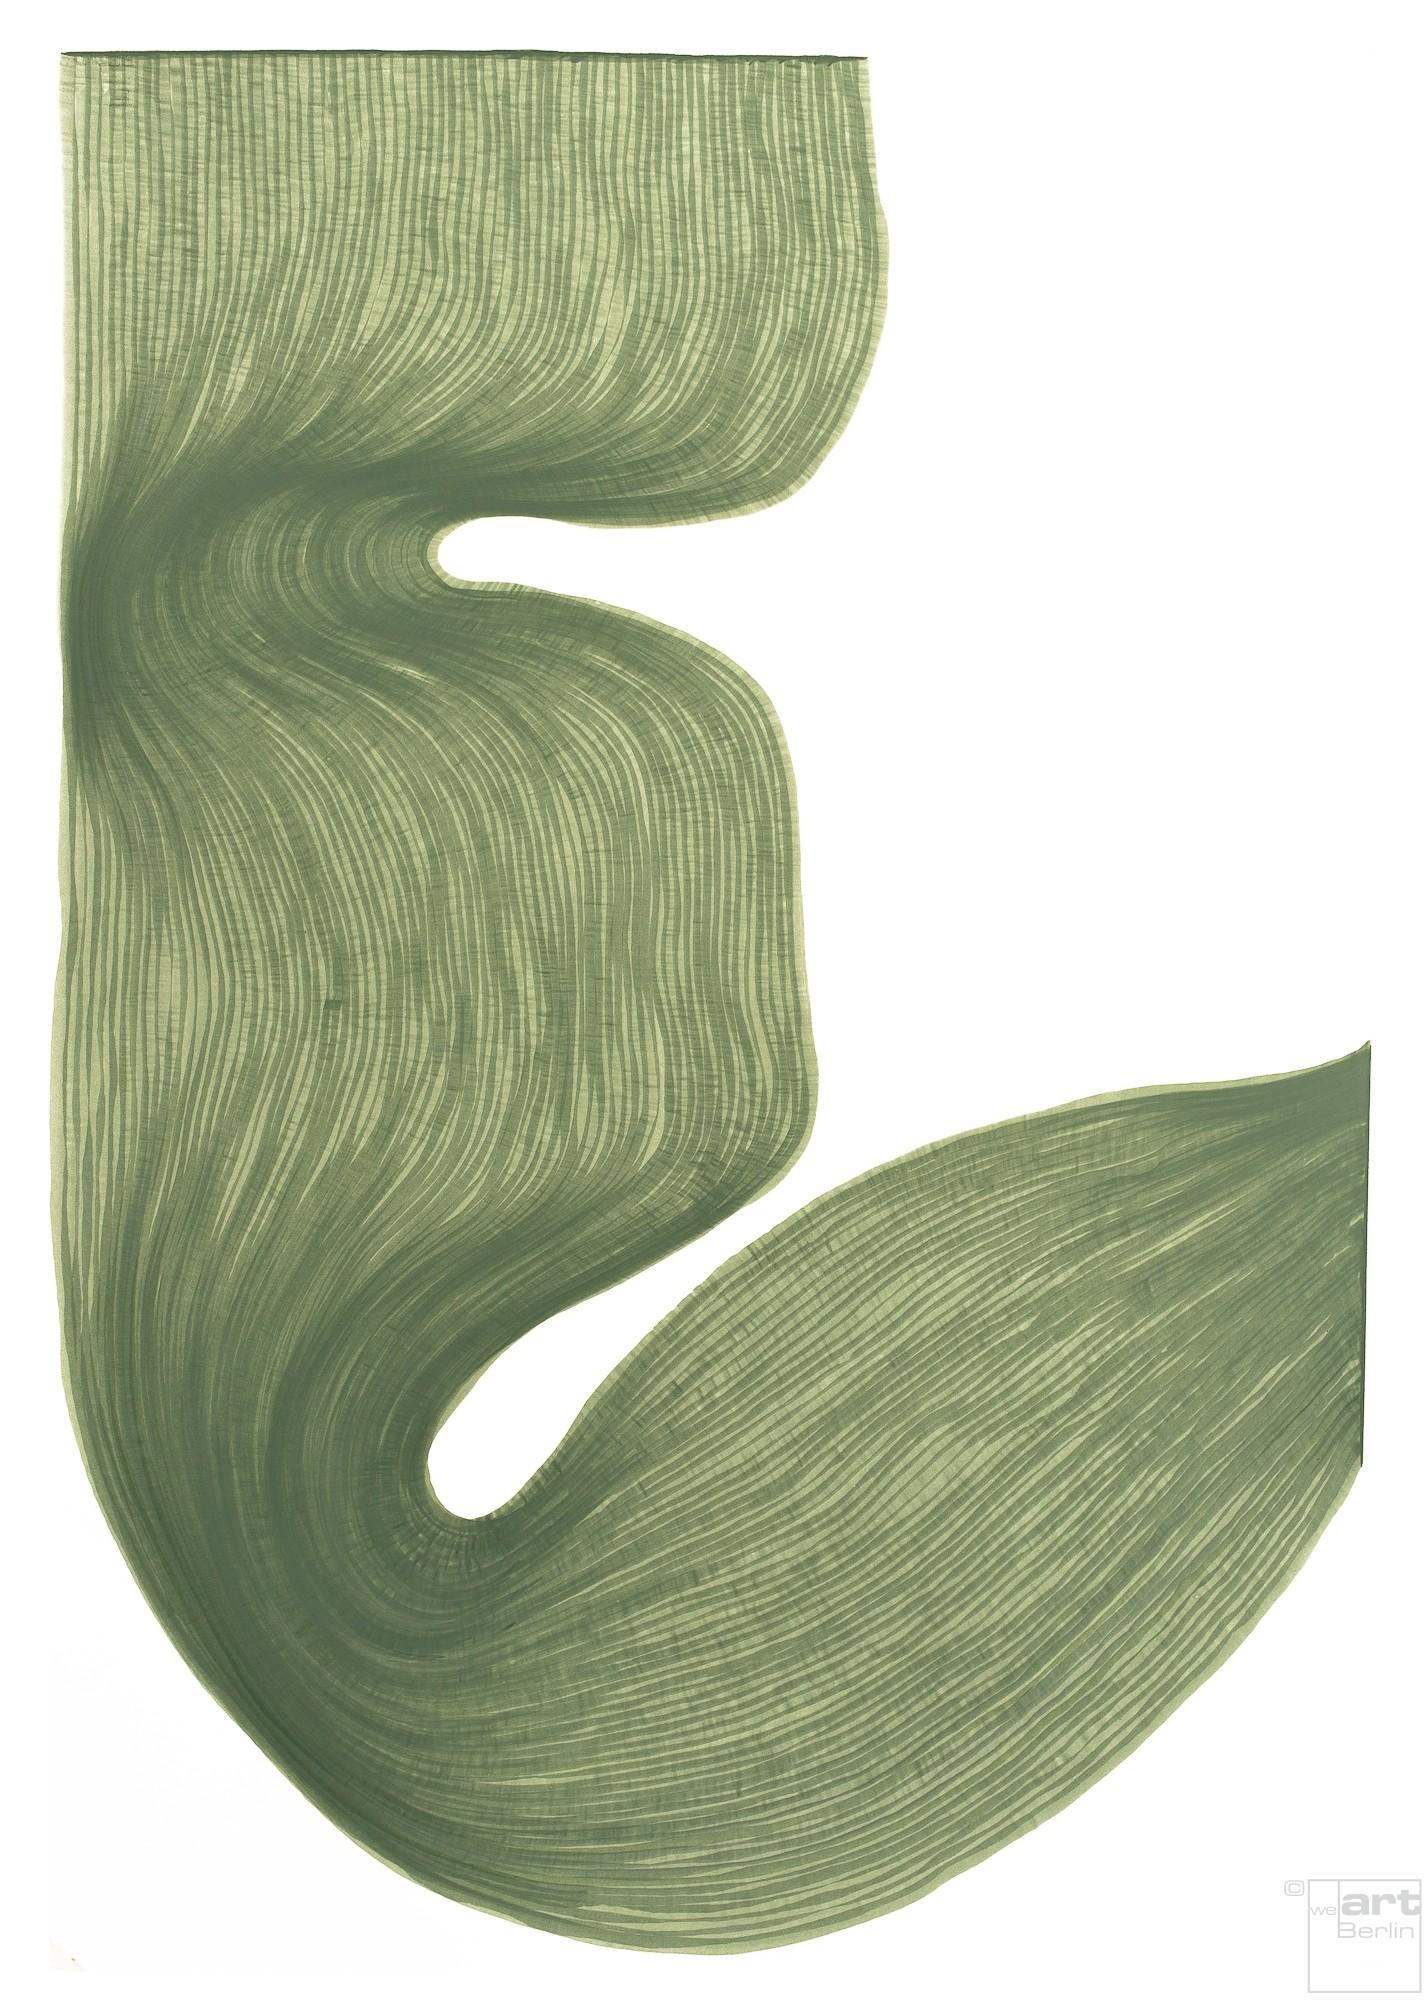 Poudre d'Auvergne  | Lali Torma | Zeichnung | Kalligraphietusche auf Papier